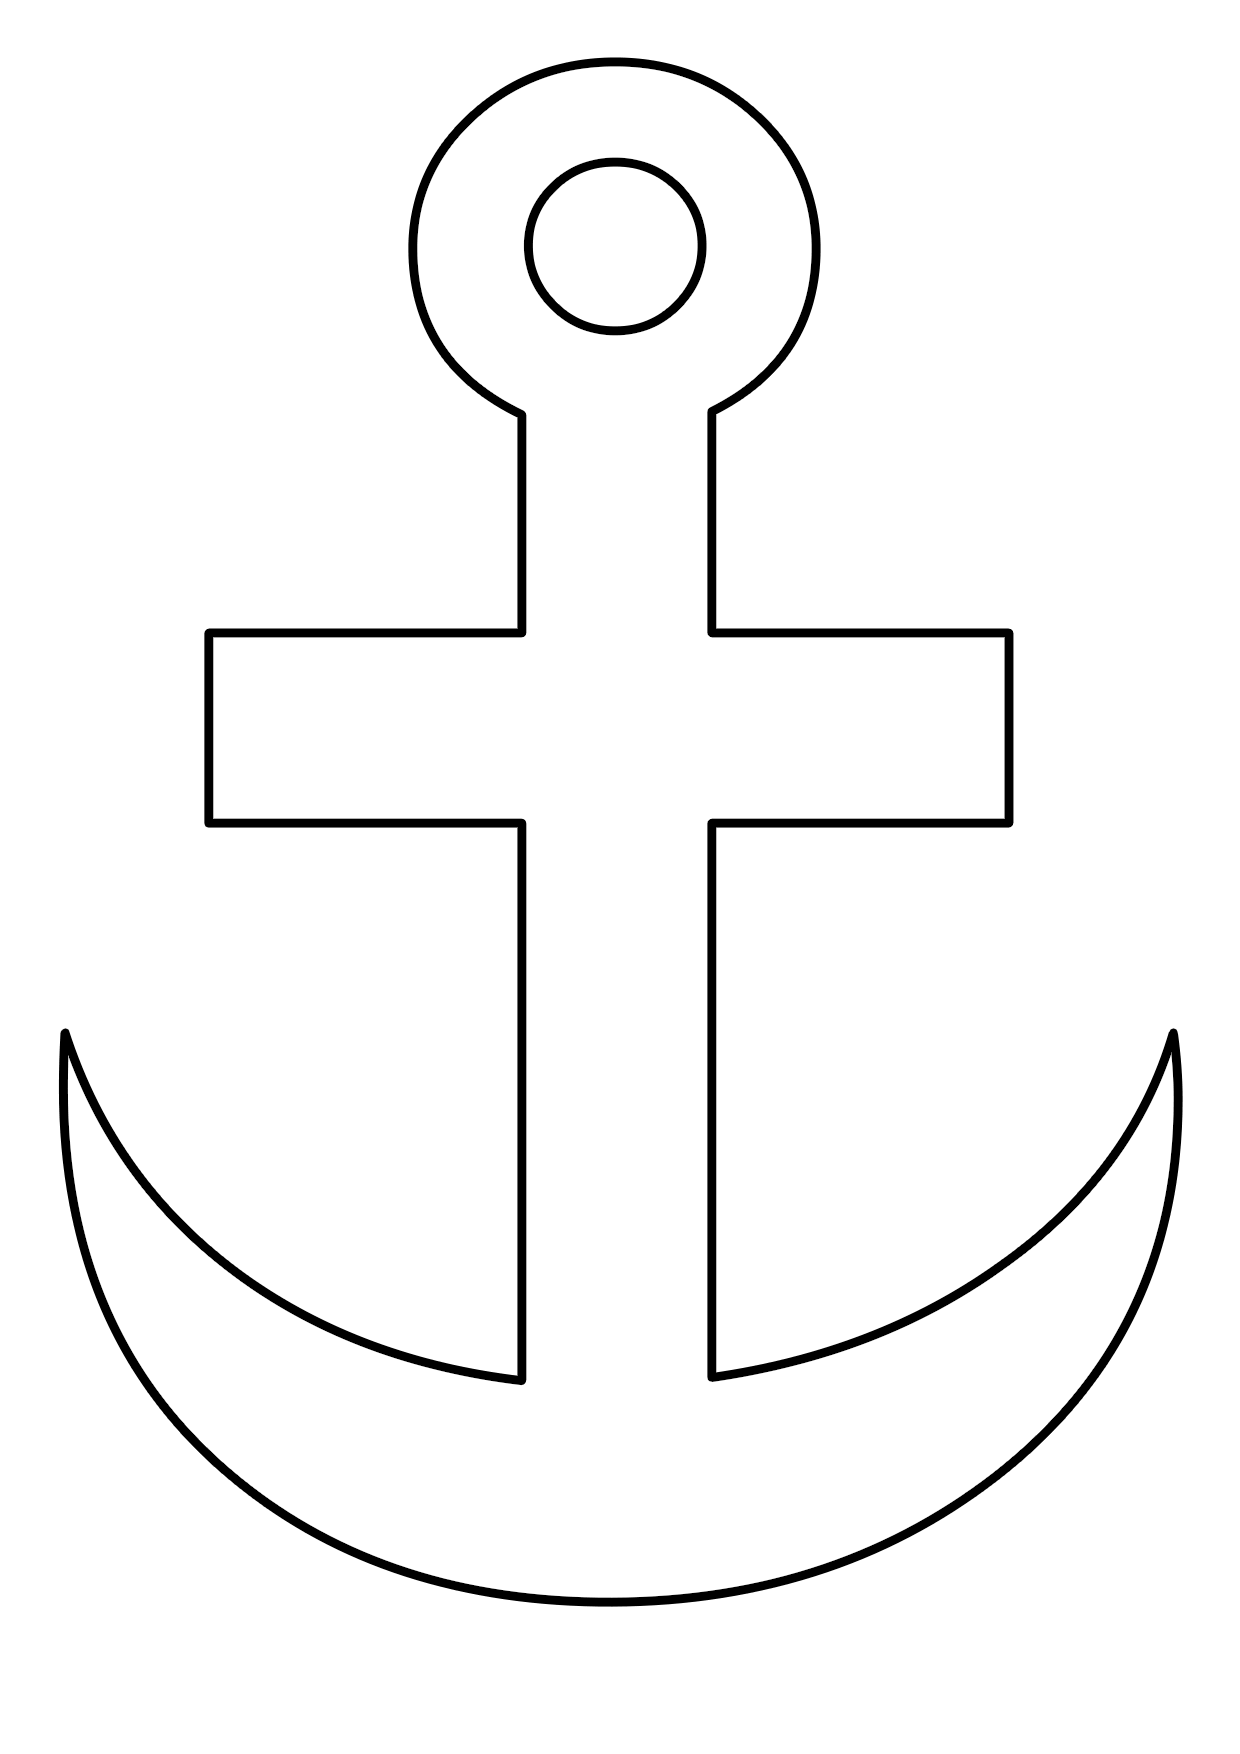 cruz marinera para pintar